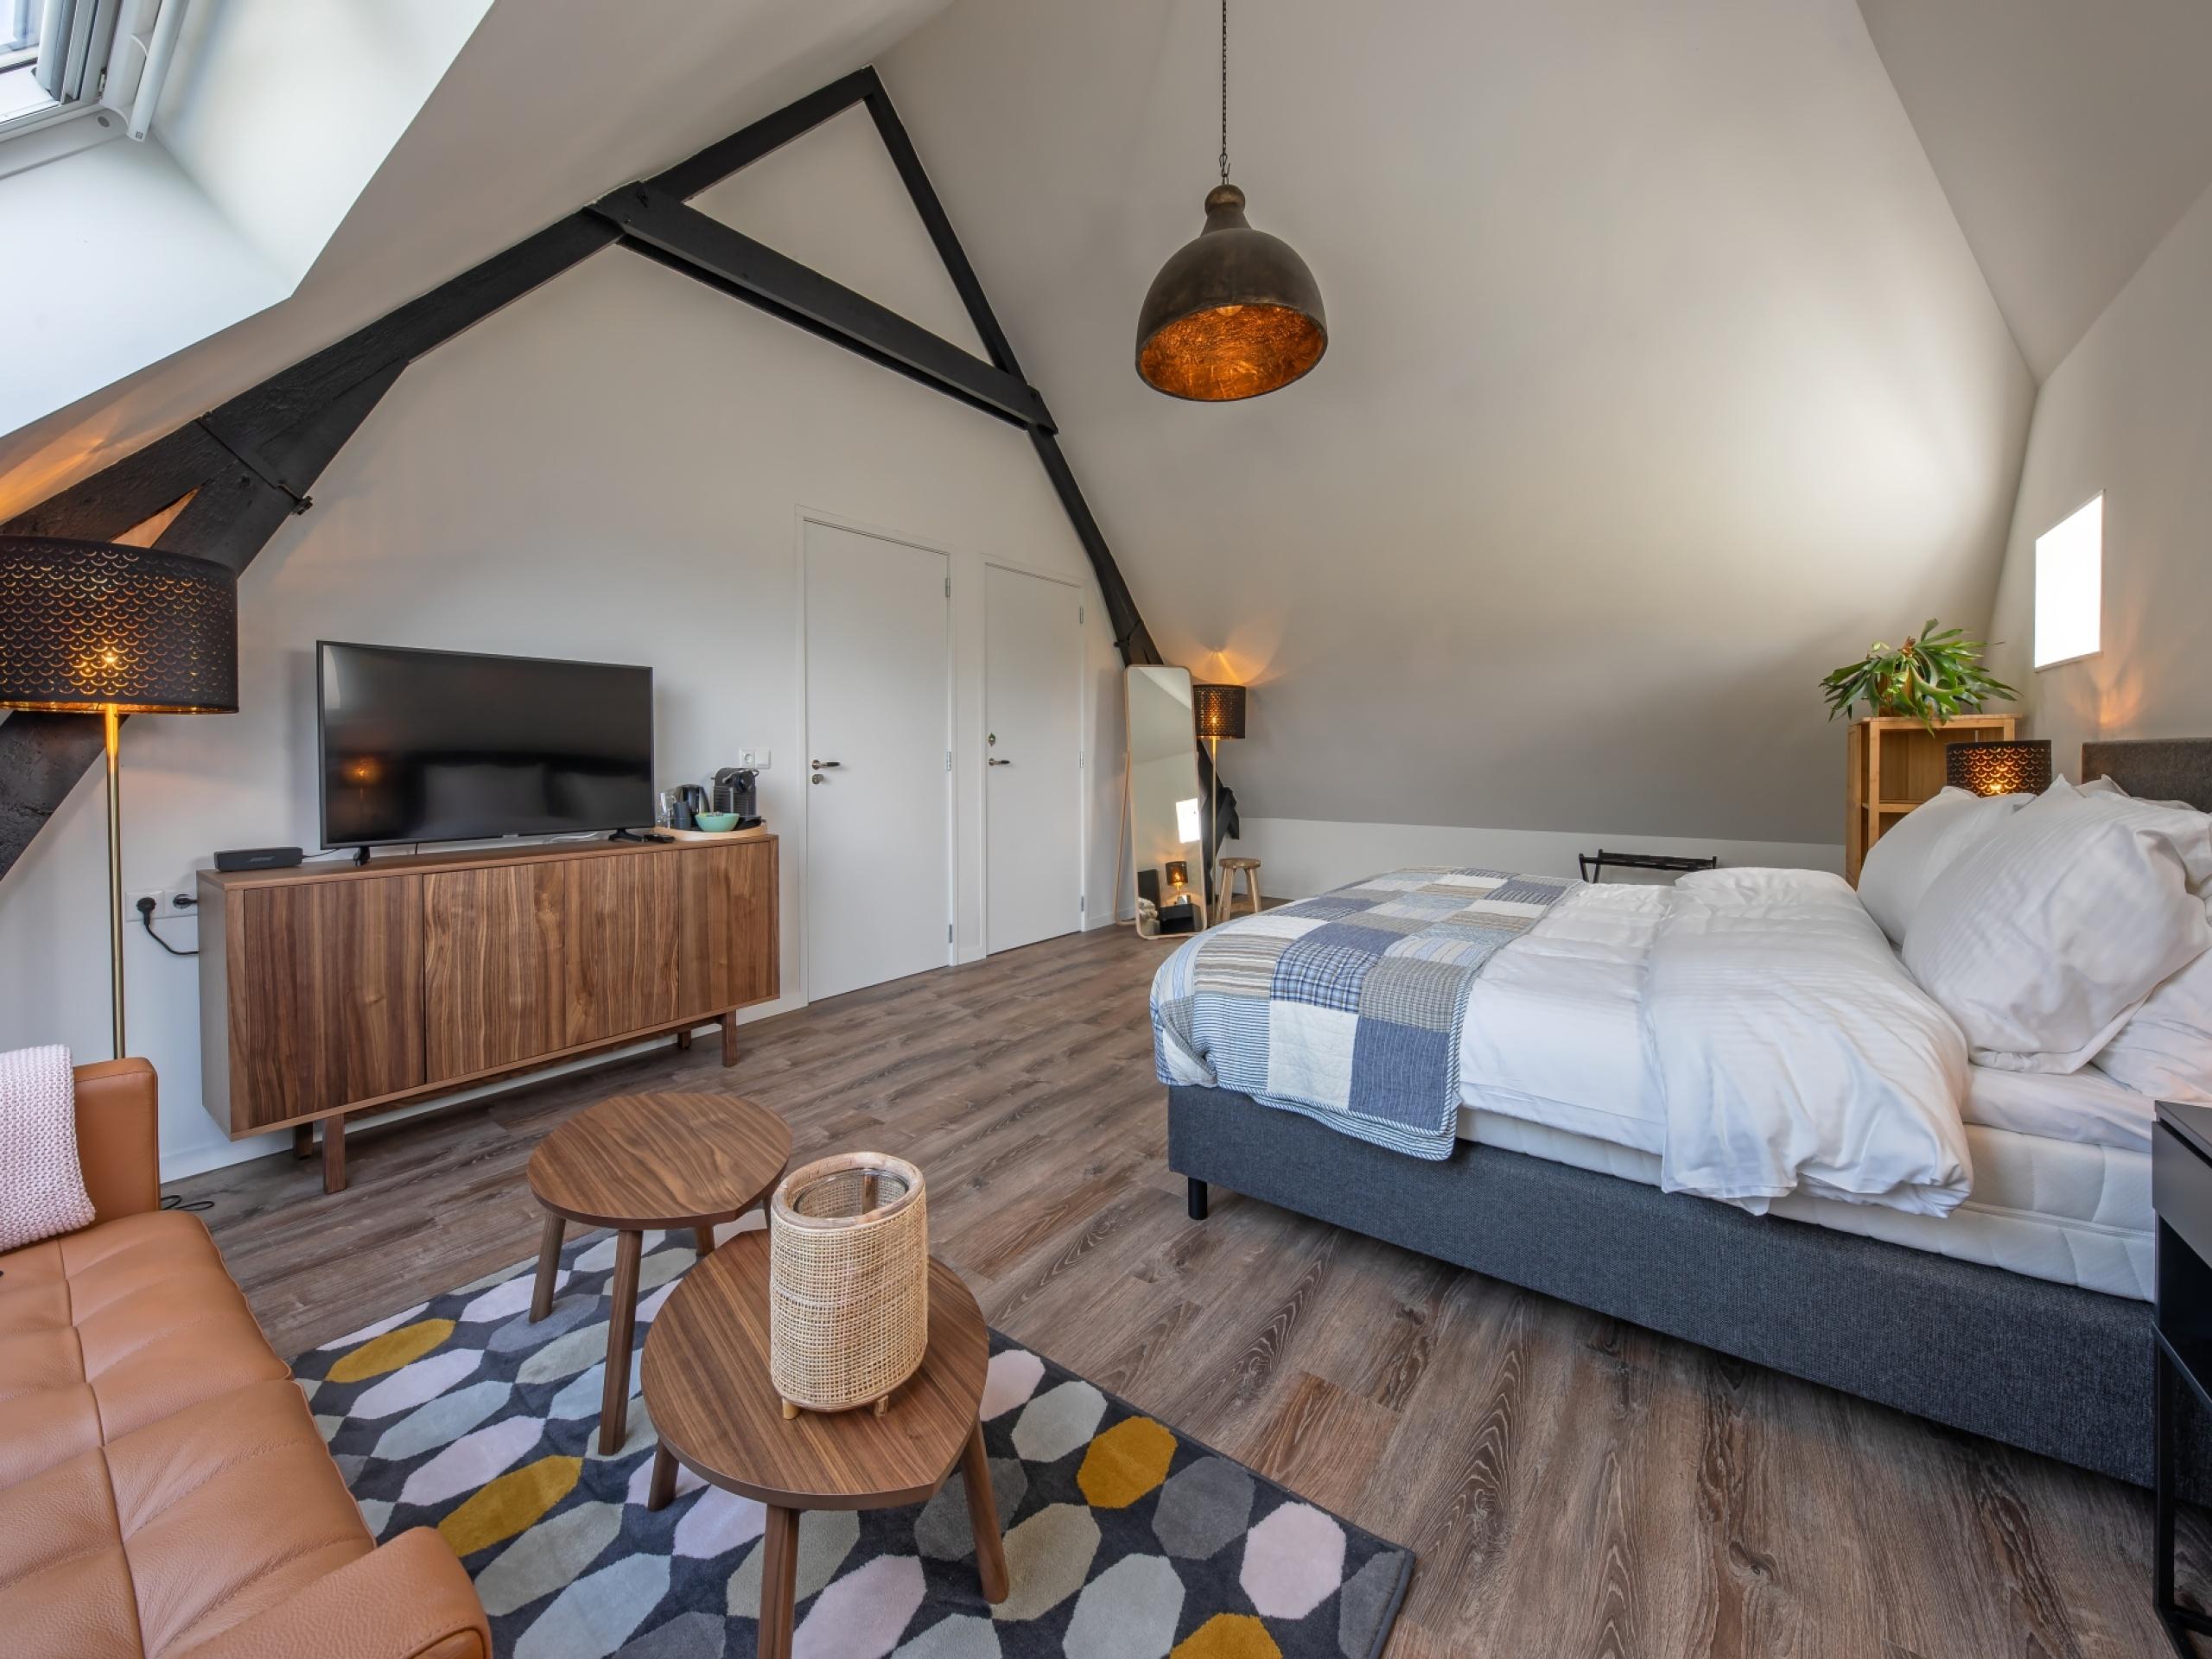 Ländliches, attraktives Loft mit zwei geräumigen und luxuriösen Suiten in einem ehemaligen Heuboden